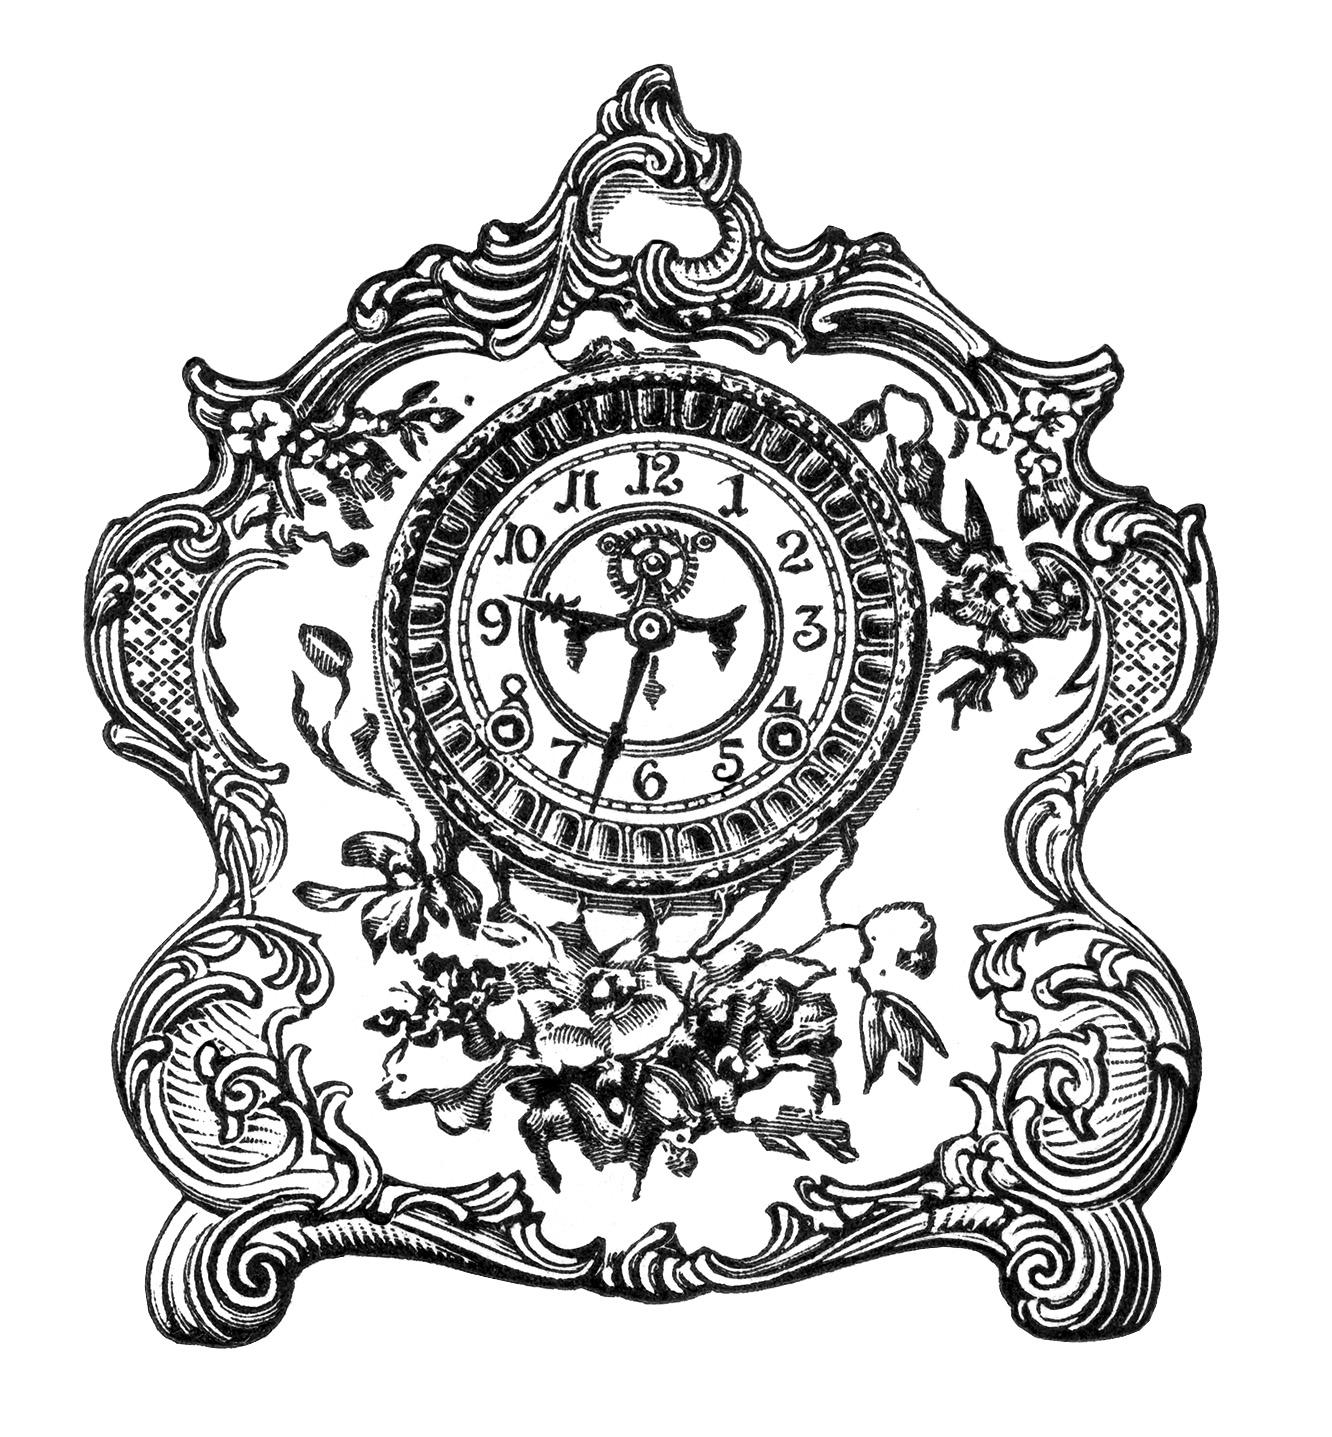 Free Vintage Image Porcelain Clock Clip Art   Old Design ...